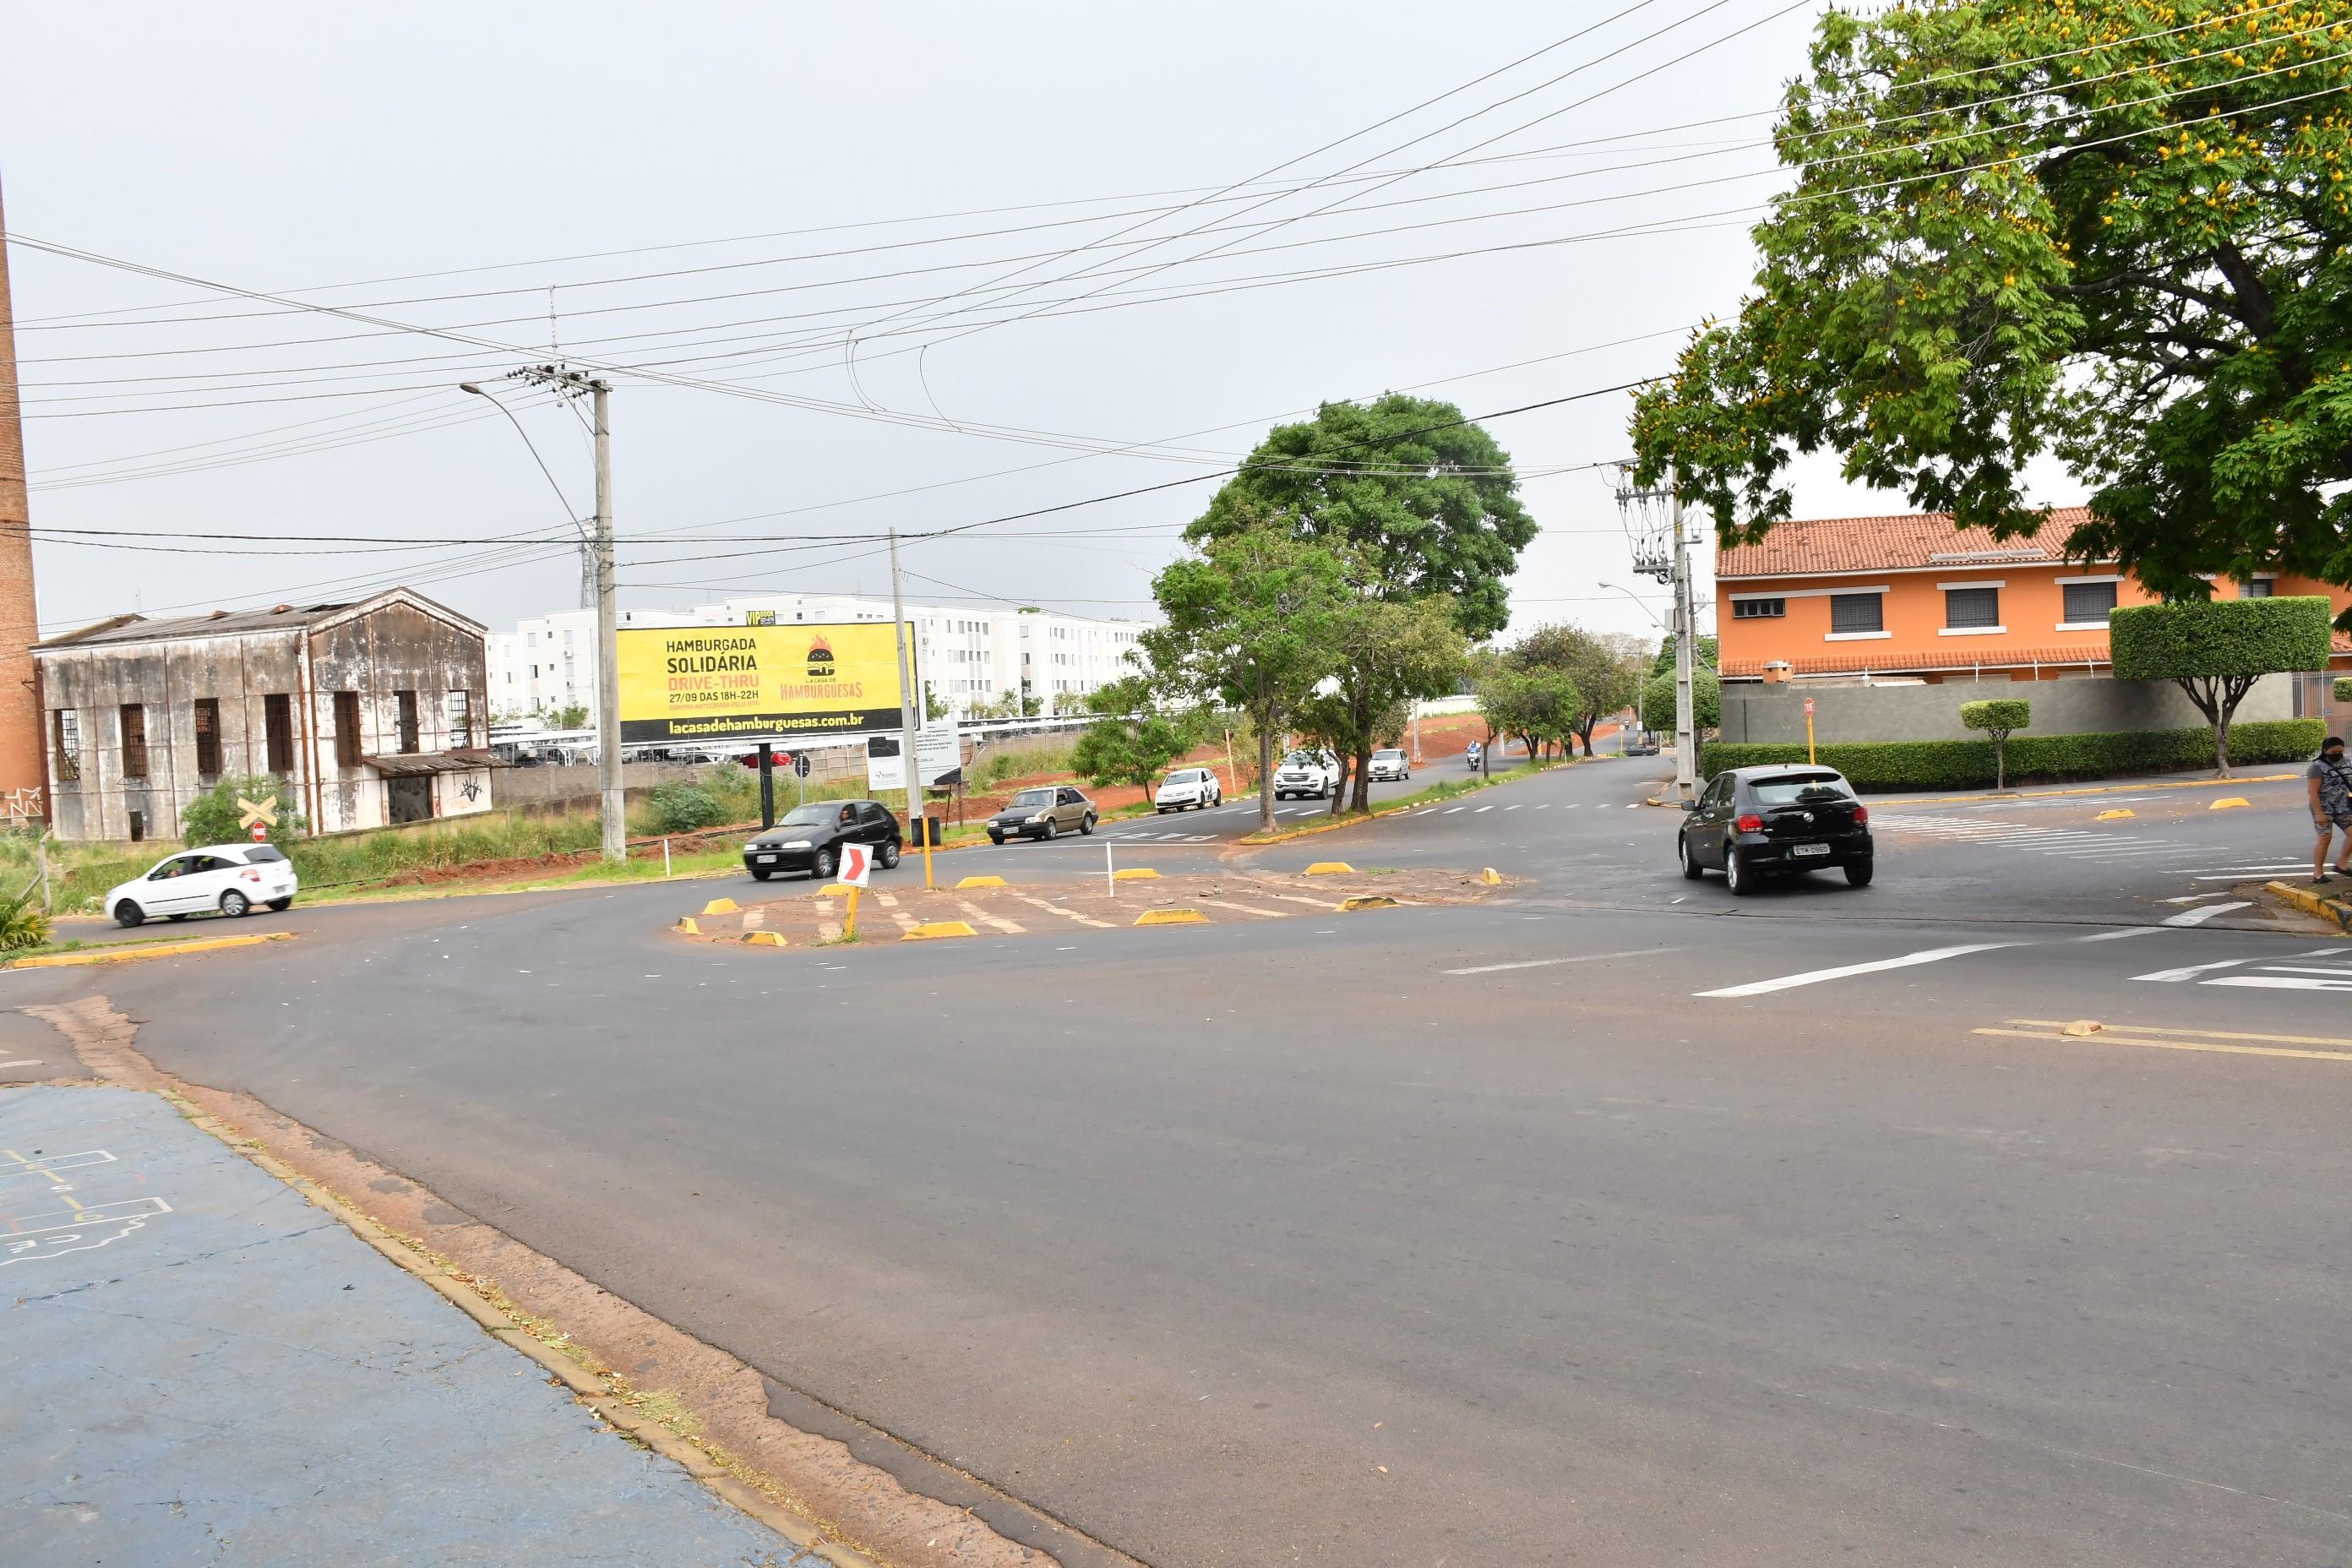 Obras na rotatória entre a Rua José Claro e a Avenida Ademar de Barros deixam trânsito lento e exigem cautela de motoristas